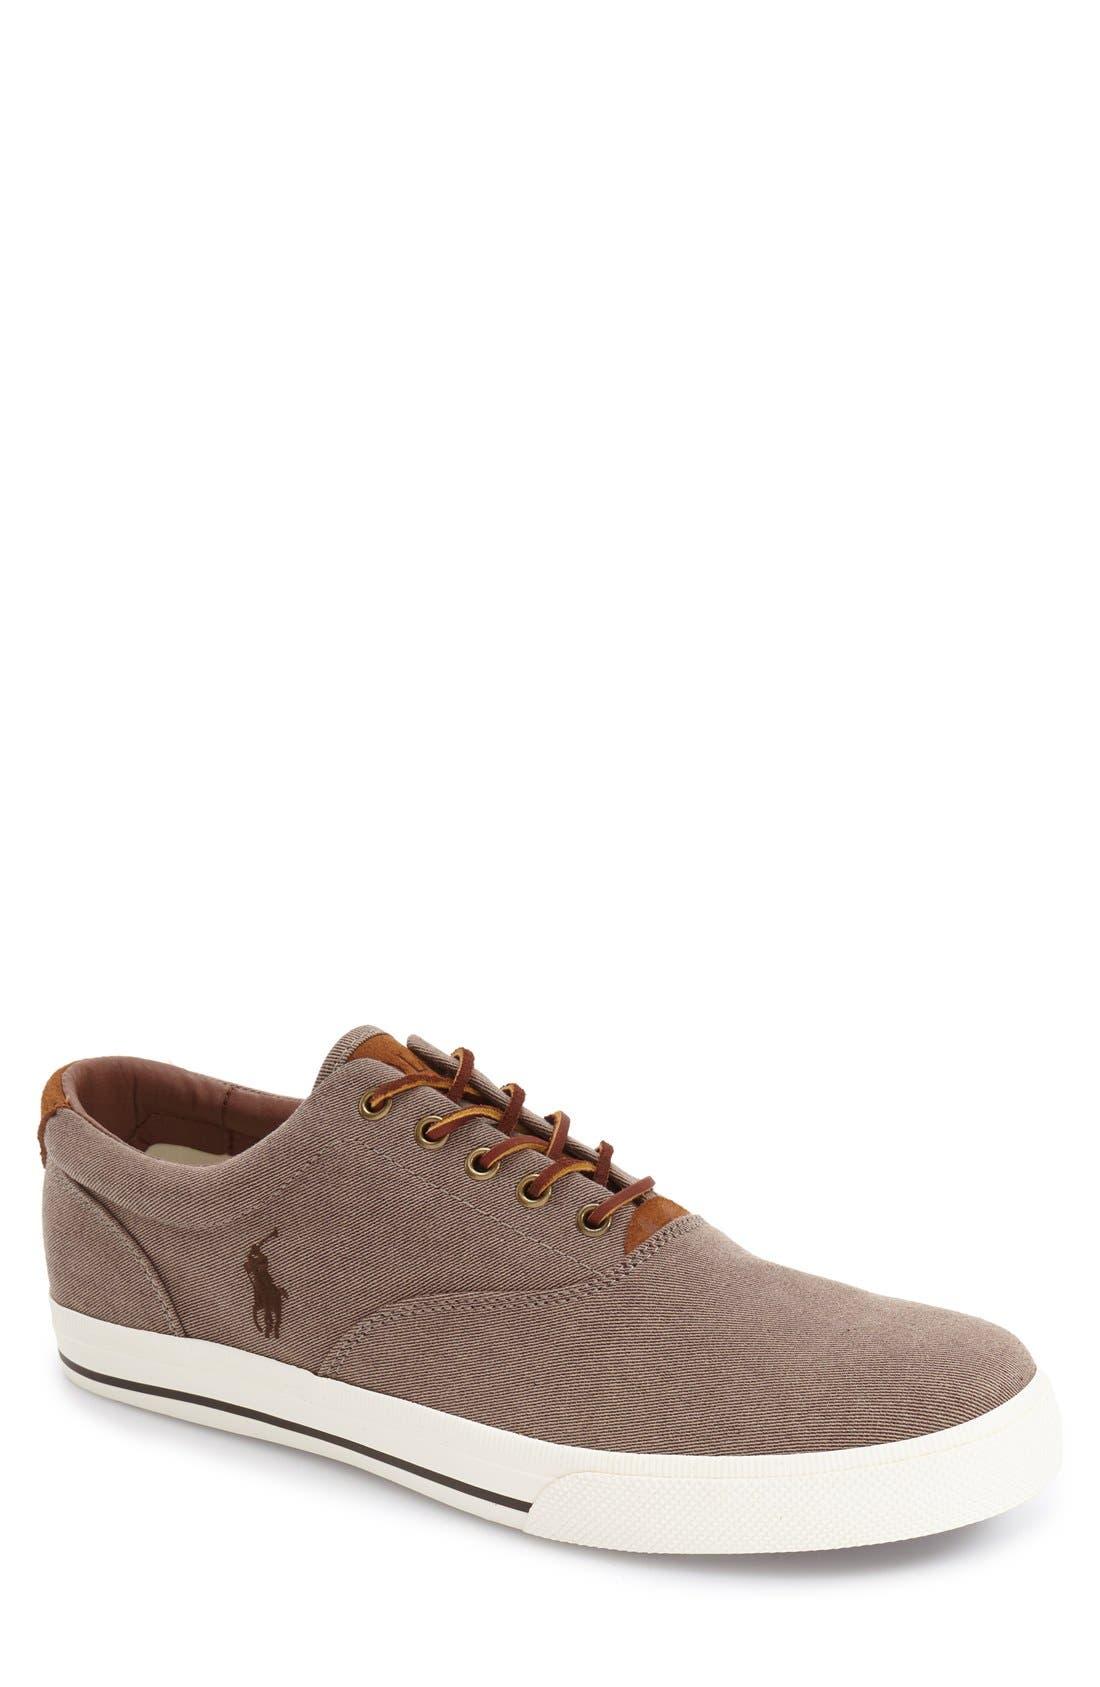 Vaughn Sneaker,                             Main thumbnail 3, color,